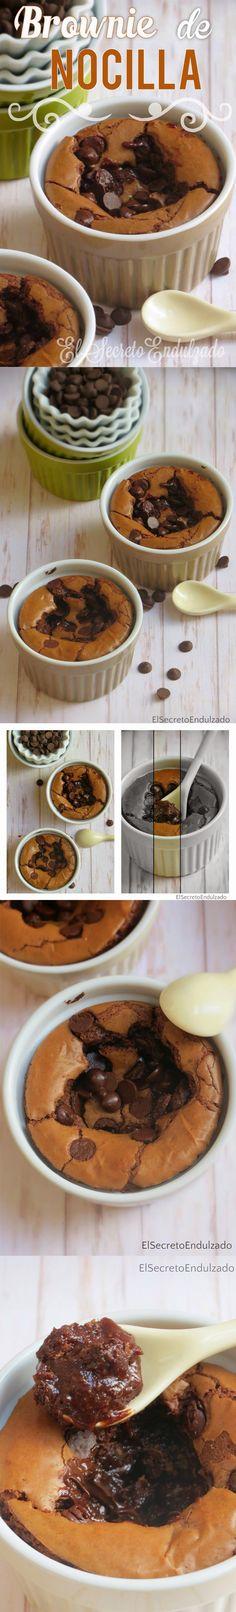 Brownies rápidos de Nocilla / http://elsecretoendulzado.blogspot.com.es/